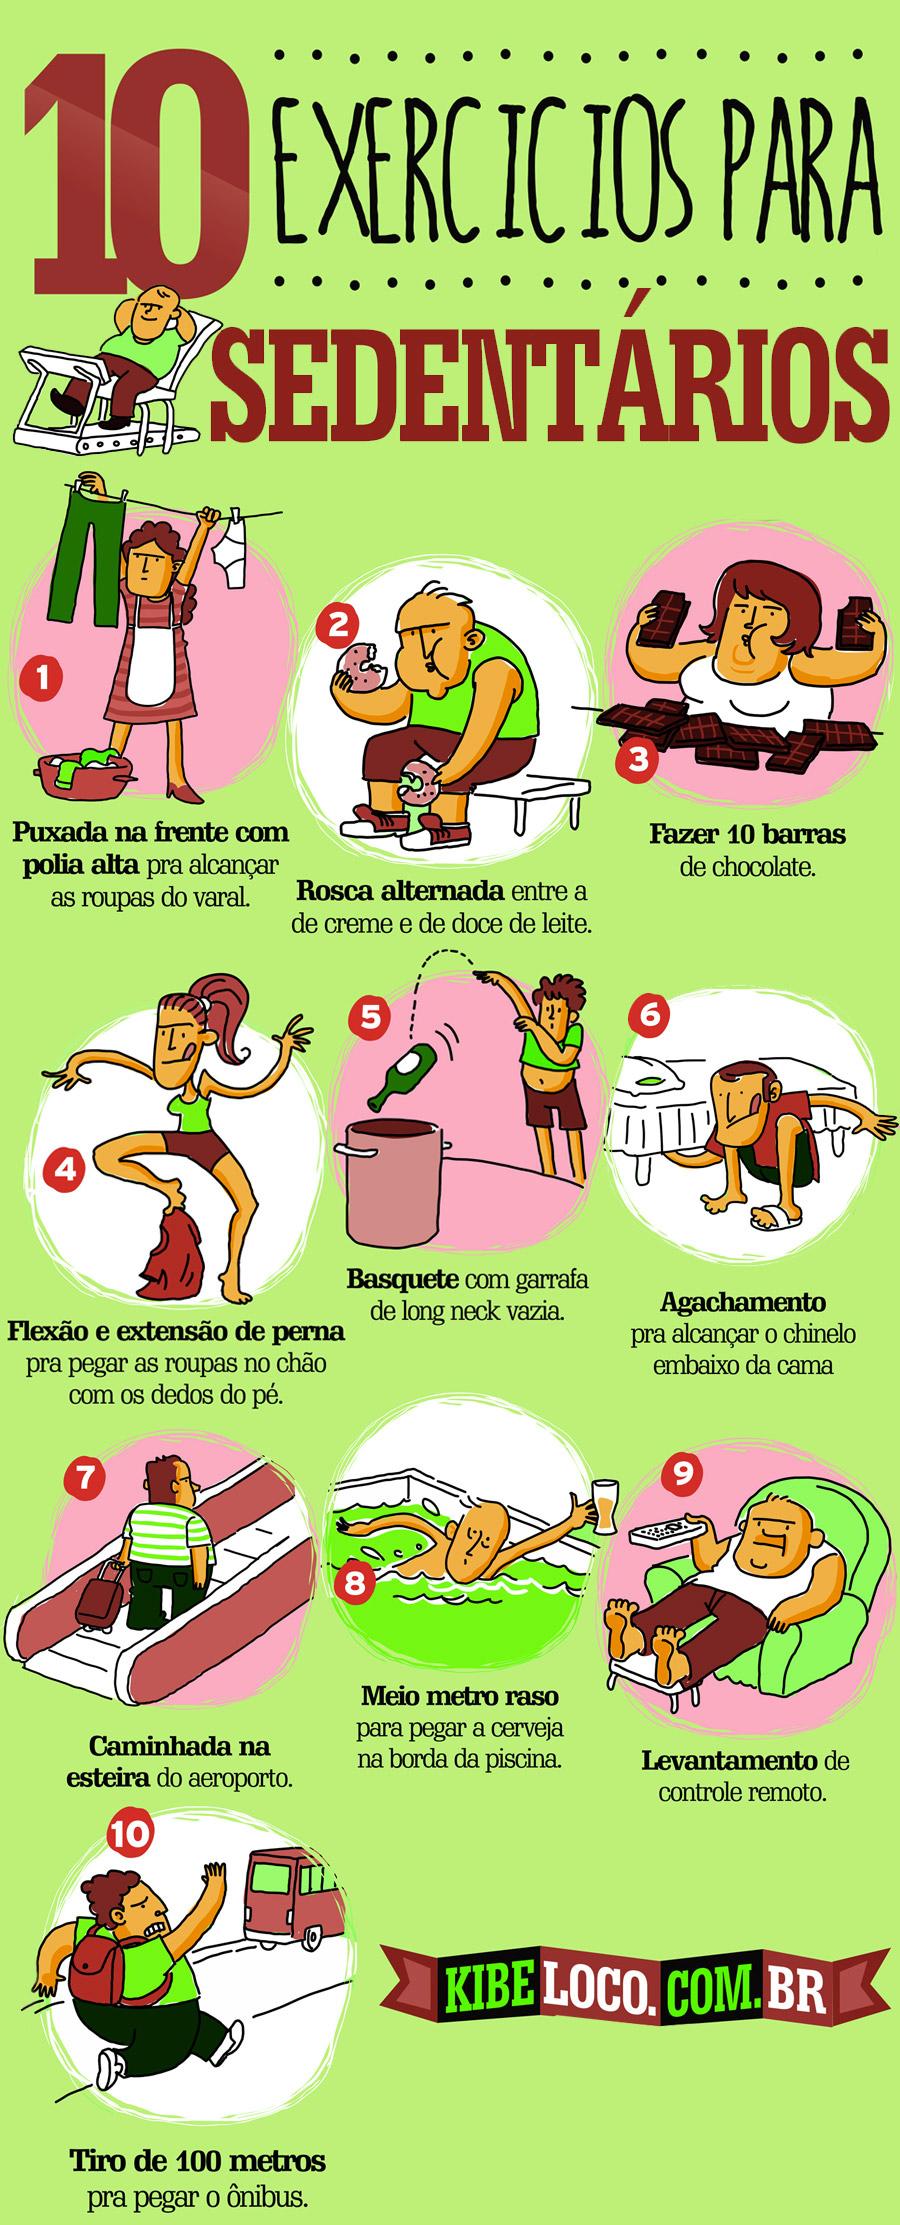 10 exercícios para sedentários. Seus amigos preguiçosos vão adorar!